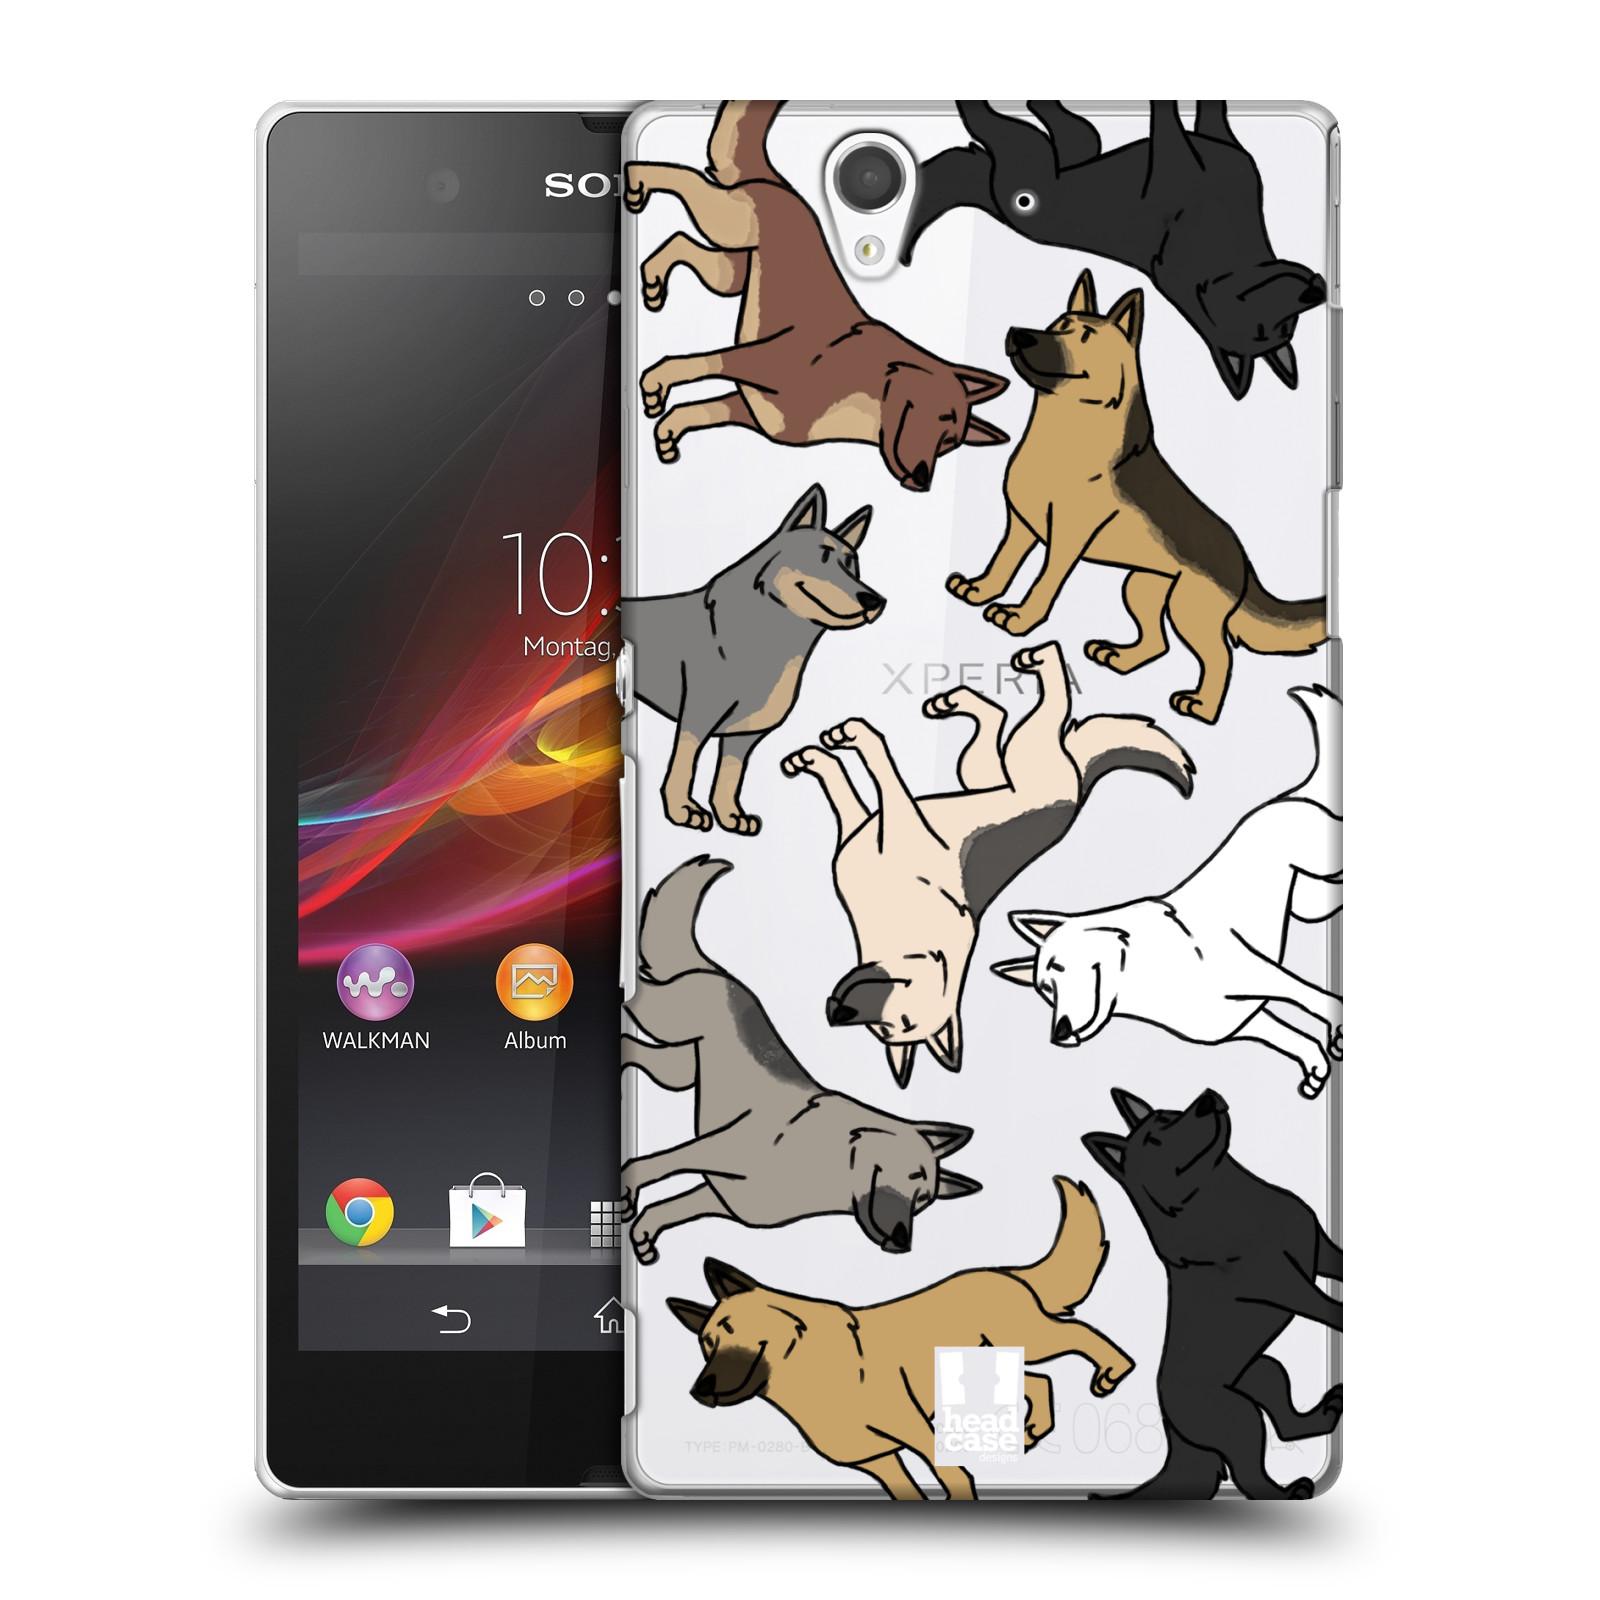 Plastové pouzdro na mobil Sony Xperia Z C6603 Head Case - Něměcký ovčák (Plastový kryt či obal na mobilní telefon s motivem německých ovčáků pro Sony Xperia Z)